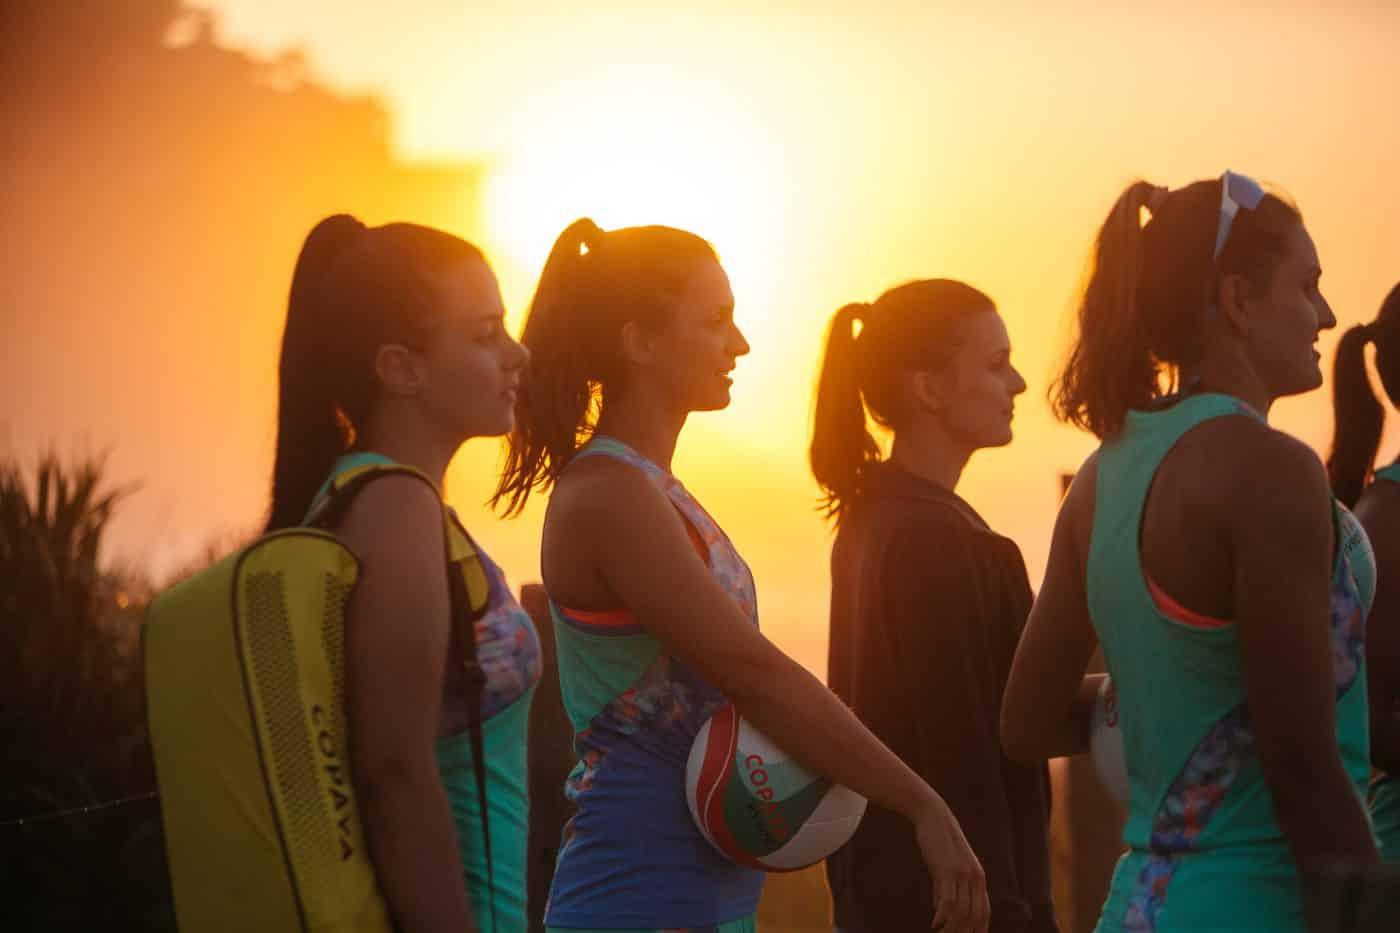 copaya-la-nouvelle-marque-de-beach-volley-chez-decathlon-2